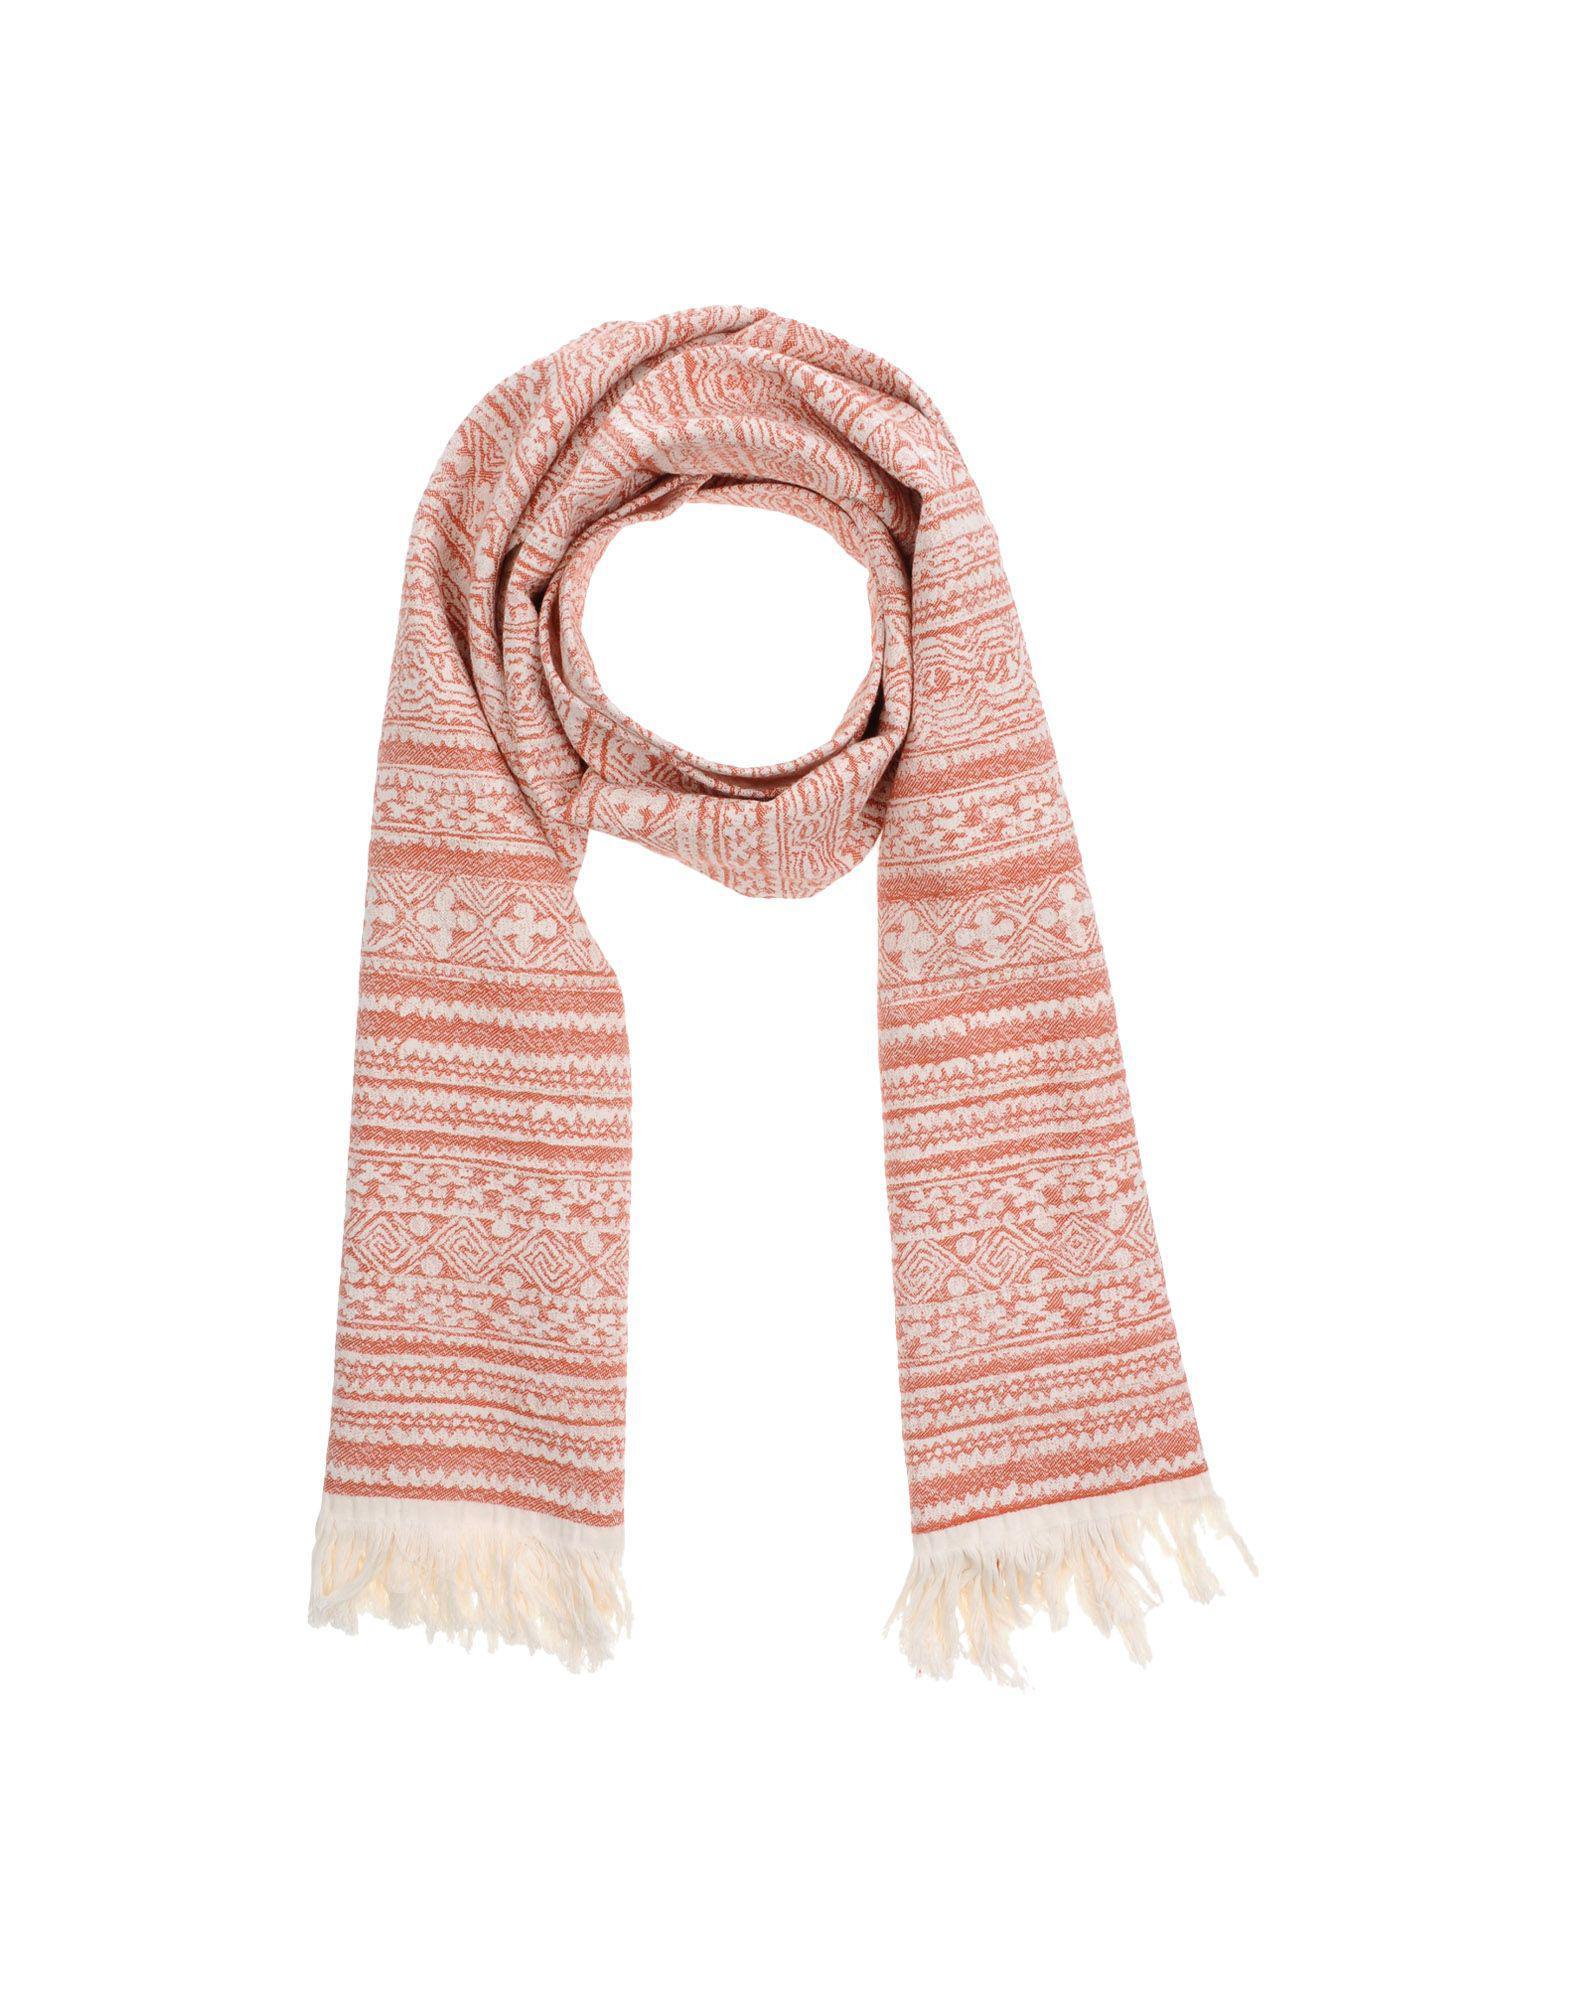 ACCESSORIES - Oblong scarves Andrea Pompilio 4p43RmVox